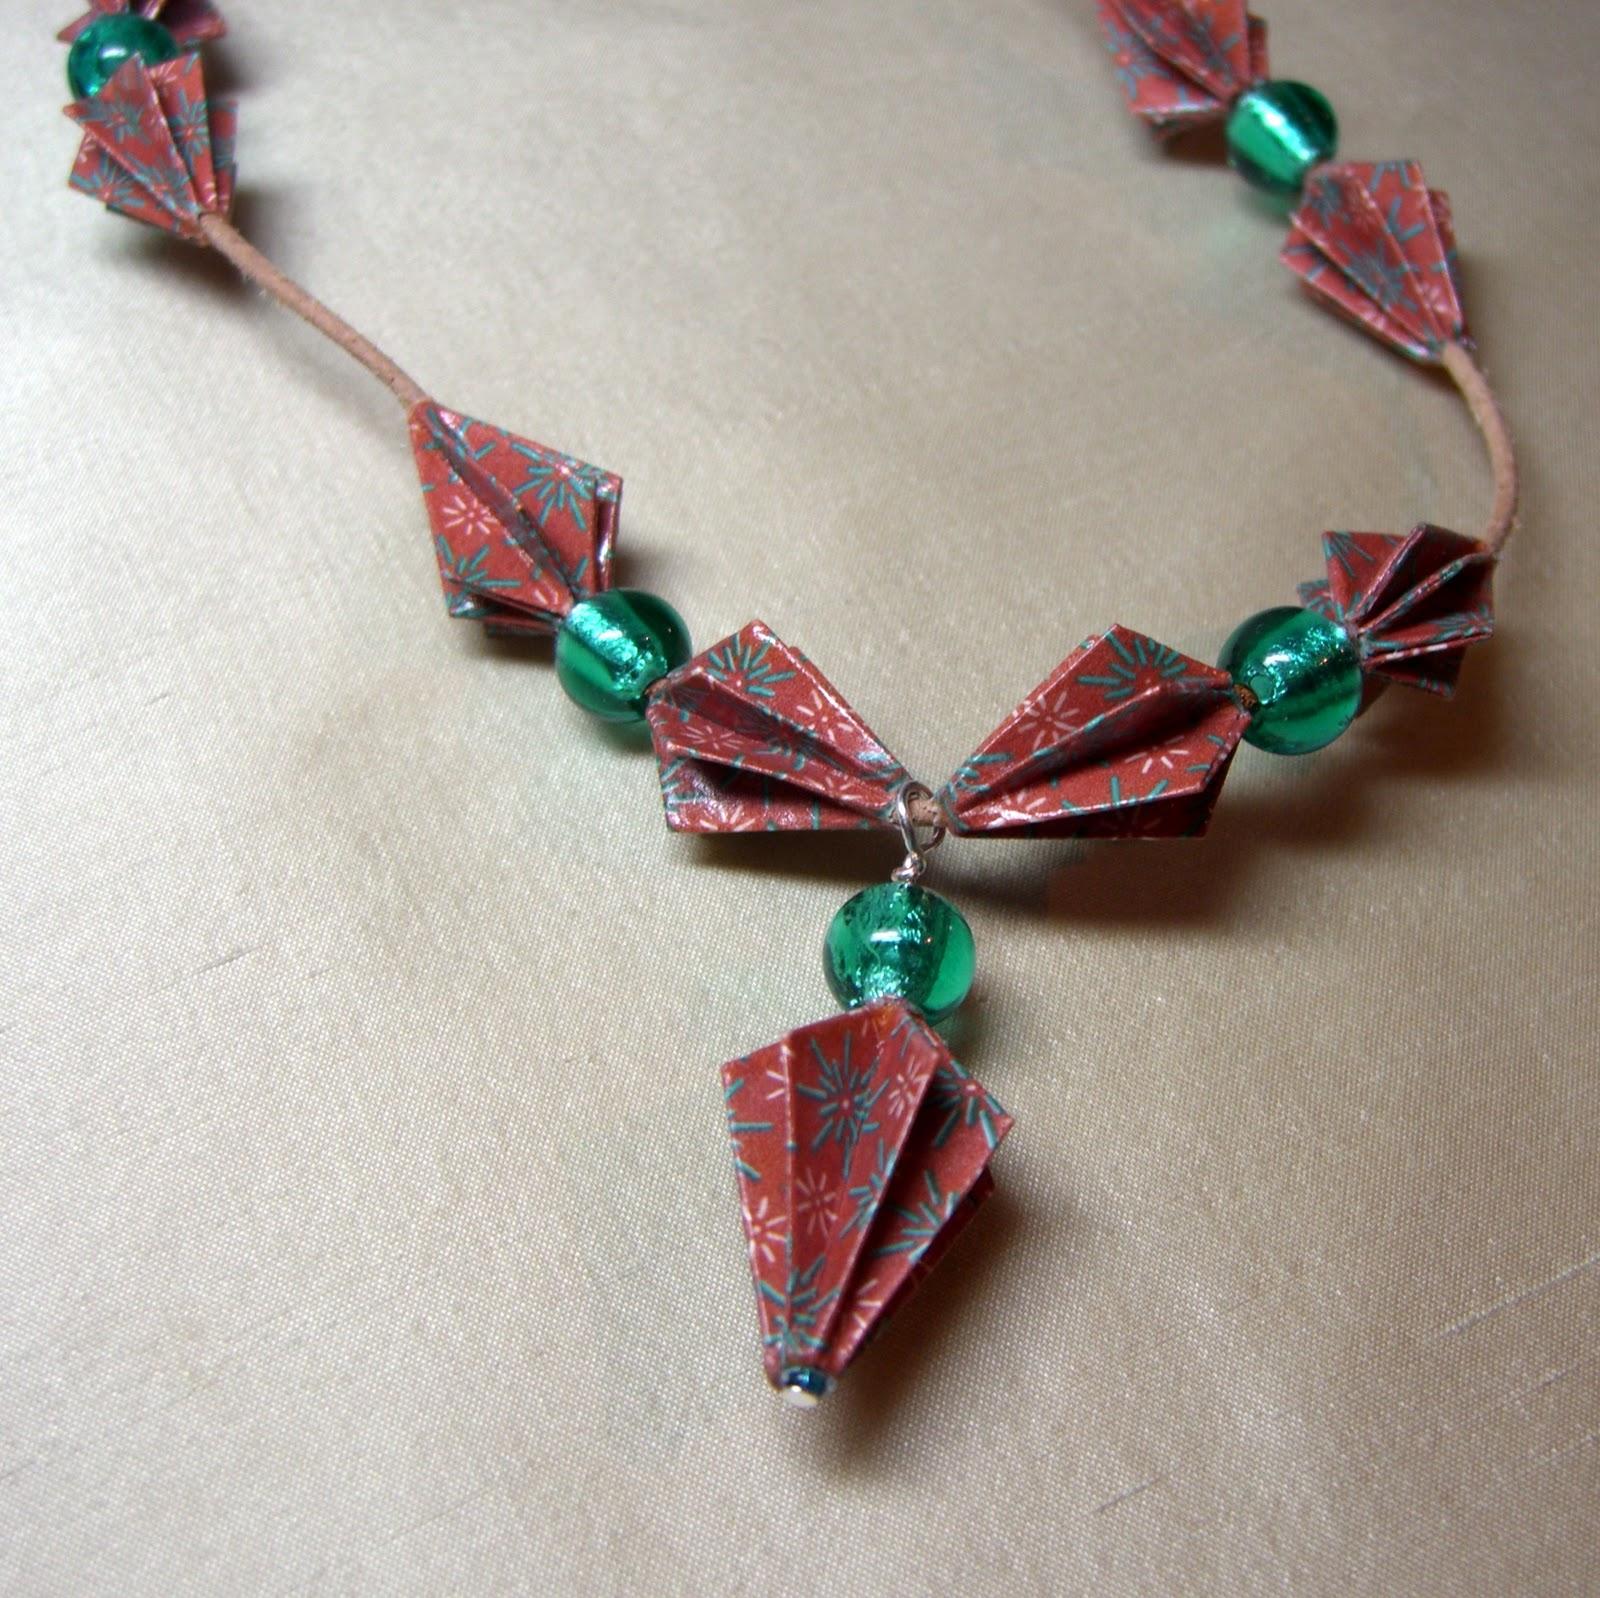 Kitty+Stitch: Origami Jewellery - photo#25